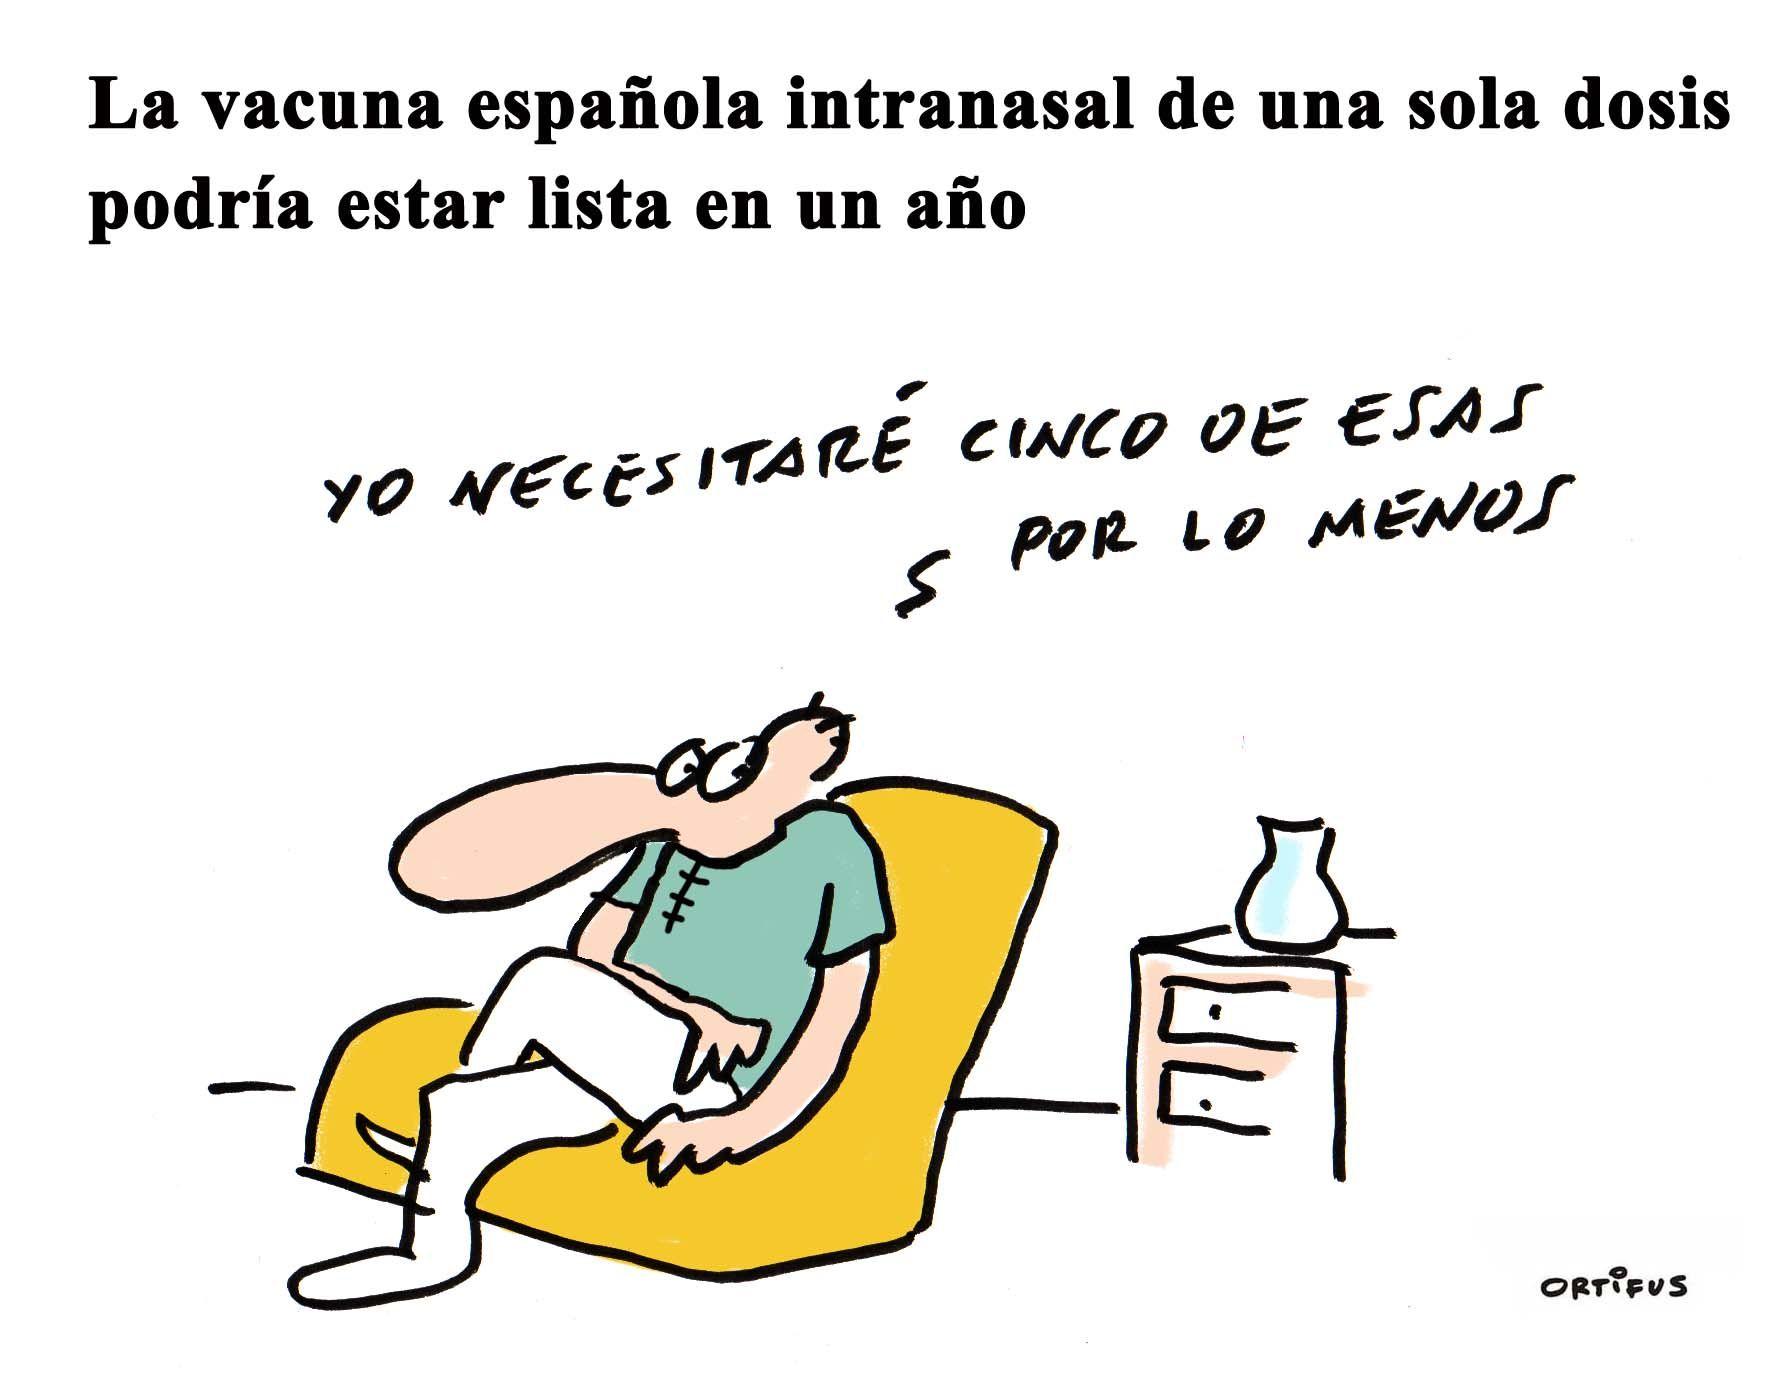 La vacuna española intranasal de una sola dosis podría estar lista en un año